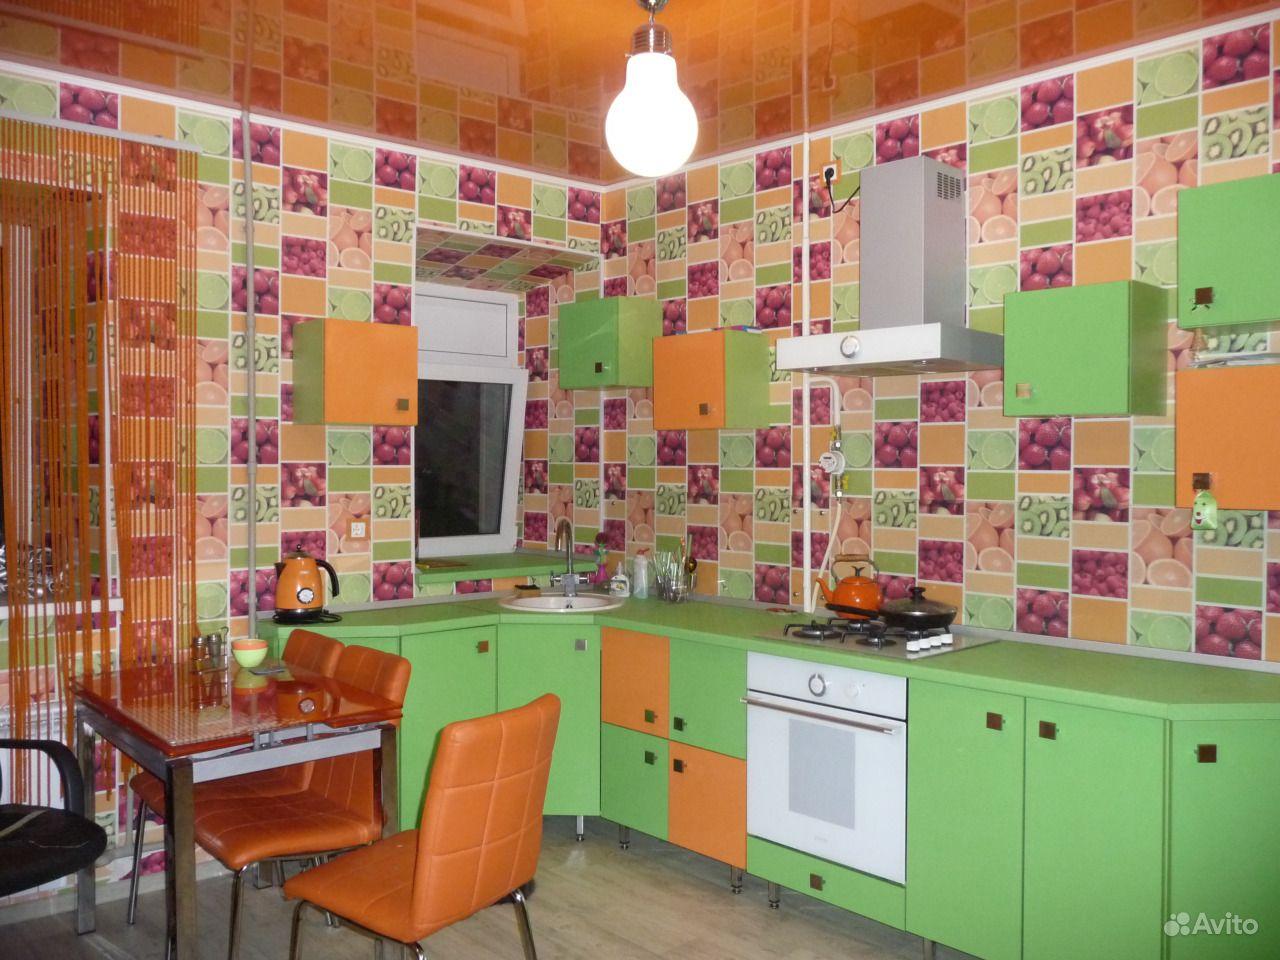 Продам 3-комнатную квартиру в городе Курск, на улице Радищева улица,  дом 6, 3-этаж 4-этажного Кирпичный дома, площадь: 60/38/17 м2